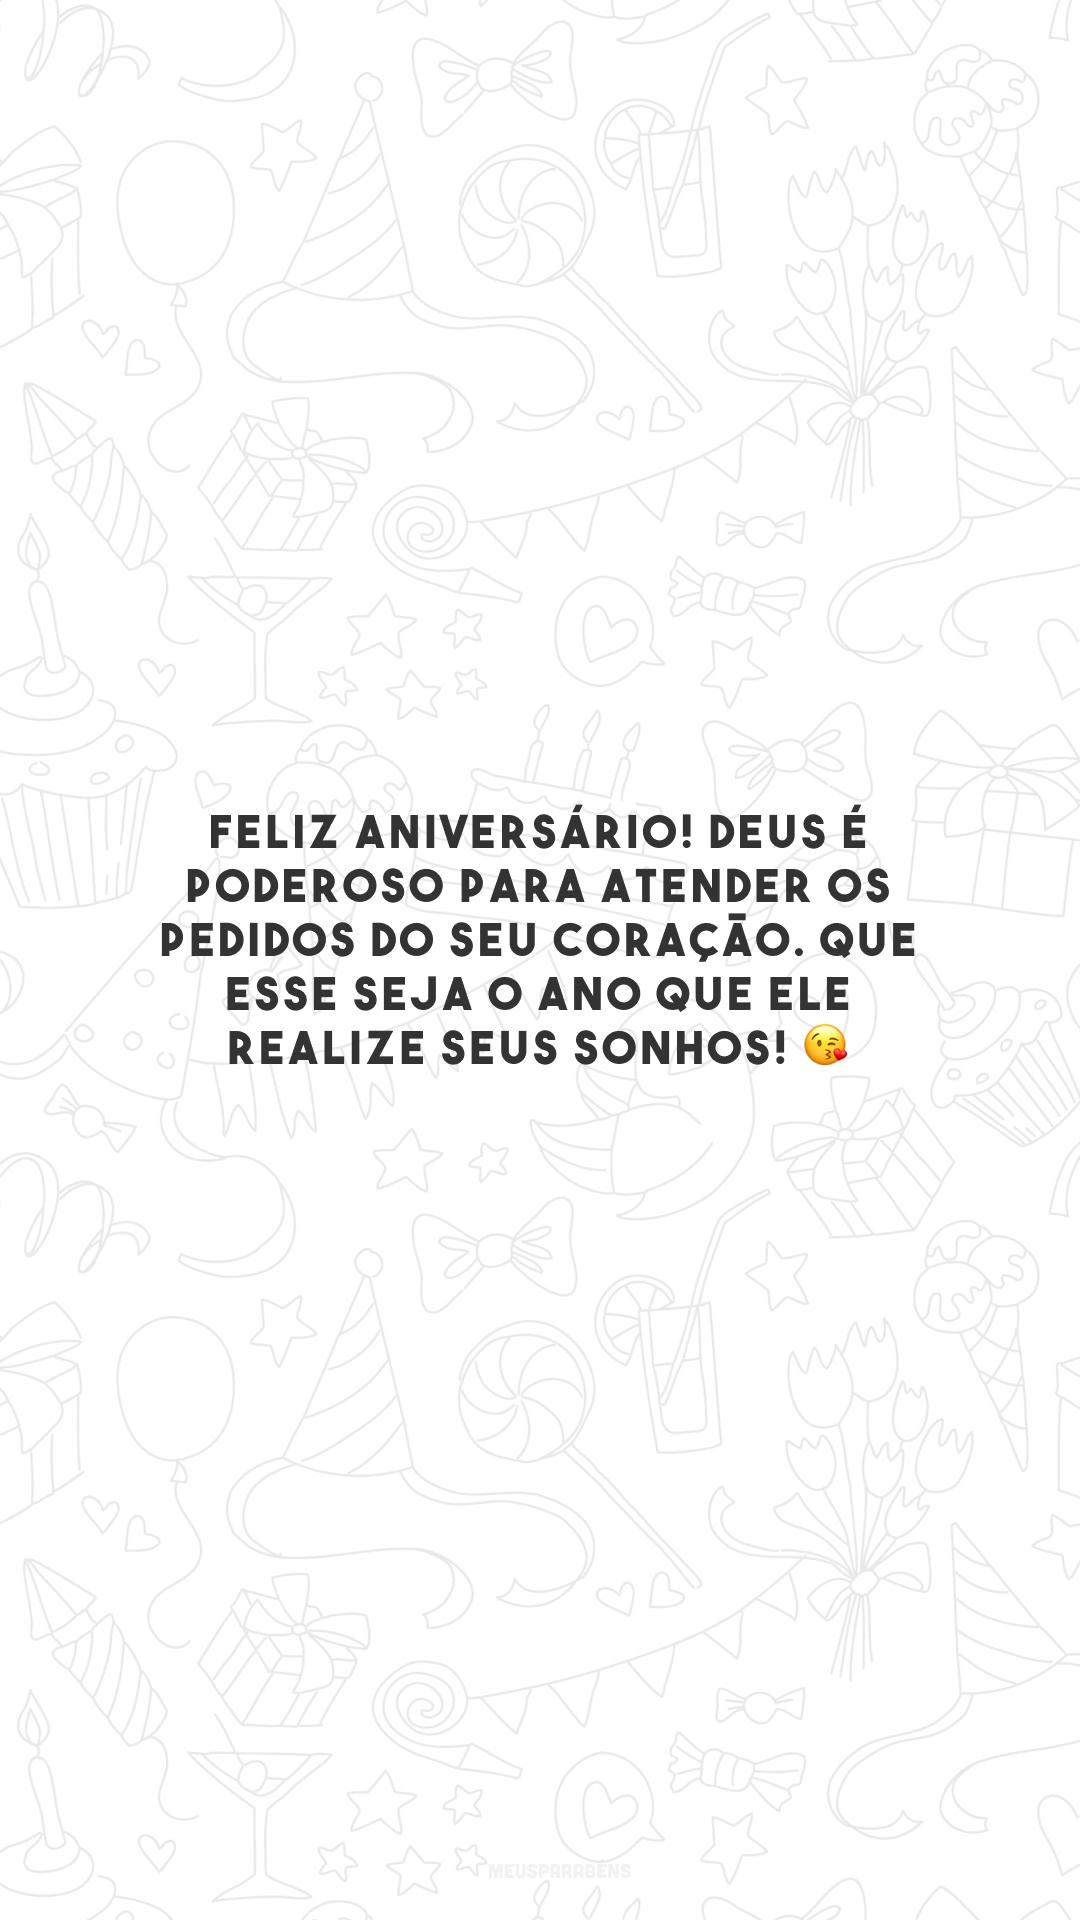 Feliz aniversário! Deus é poderoso para atender os pedidos do seu coração. Que esse seja o ano que Ele realize seus sonhos! 😘